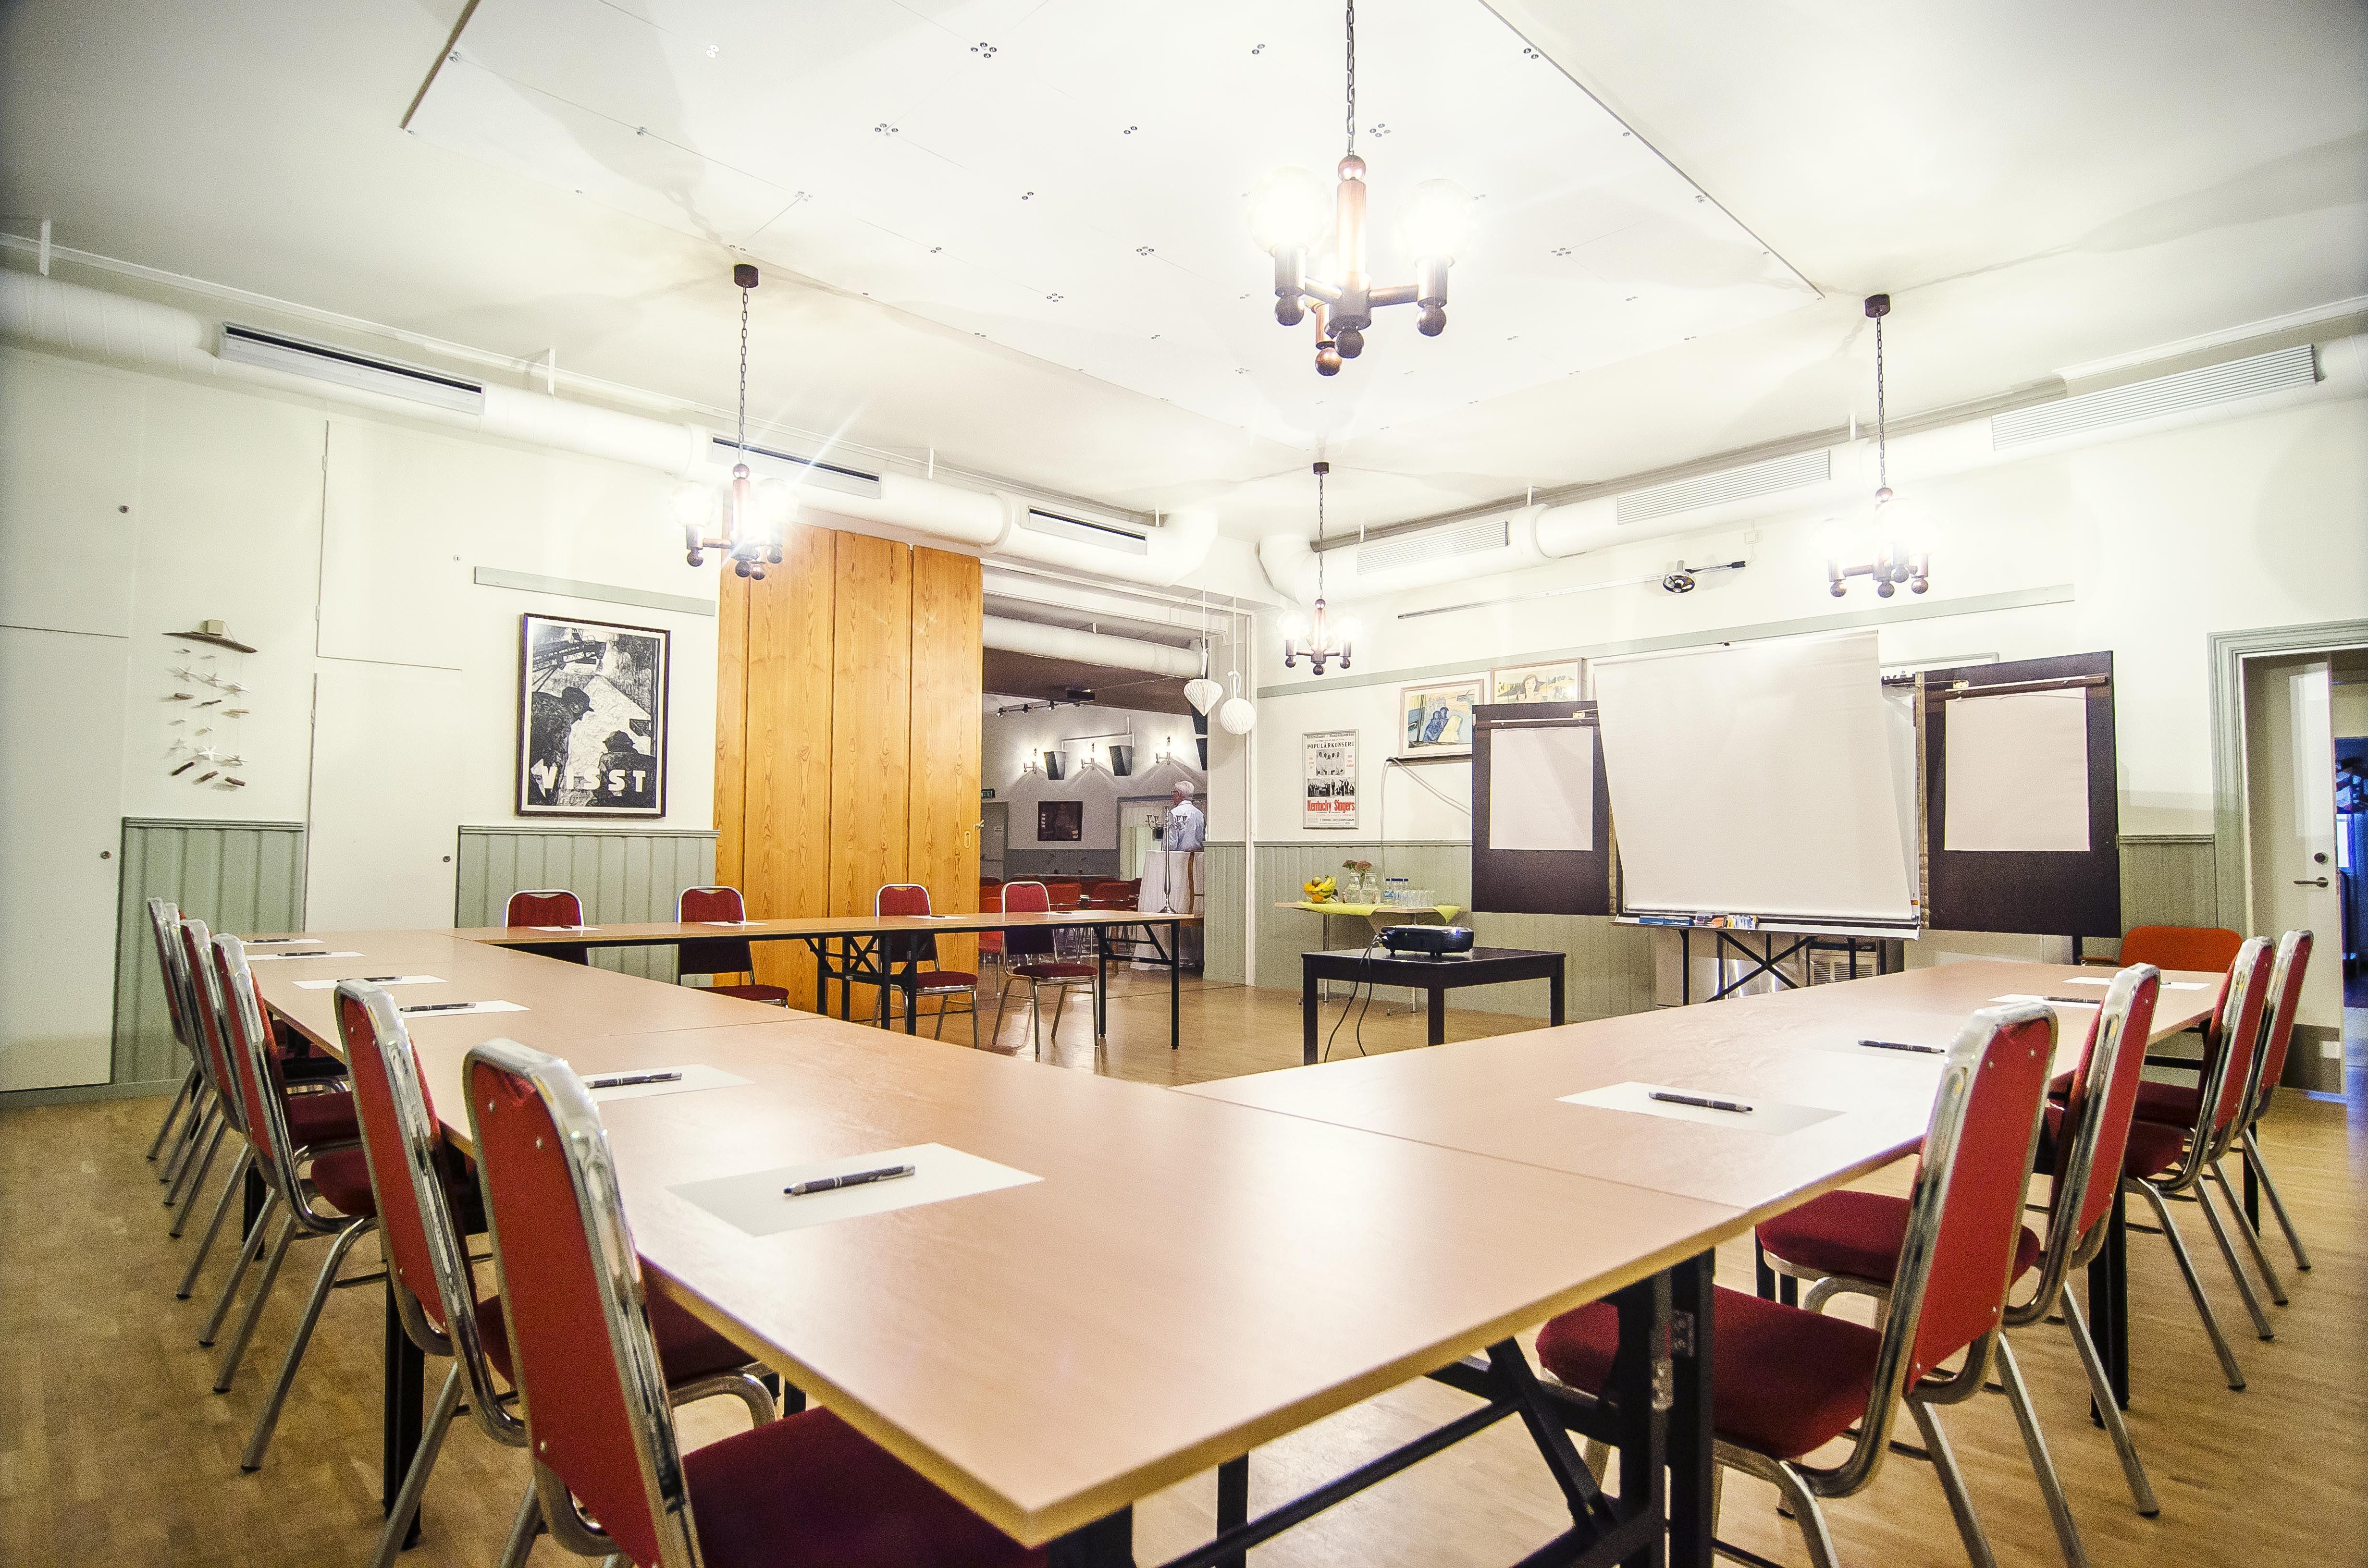 Nordmalingsbygdens Folkets Hus - konferens och möten